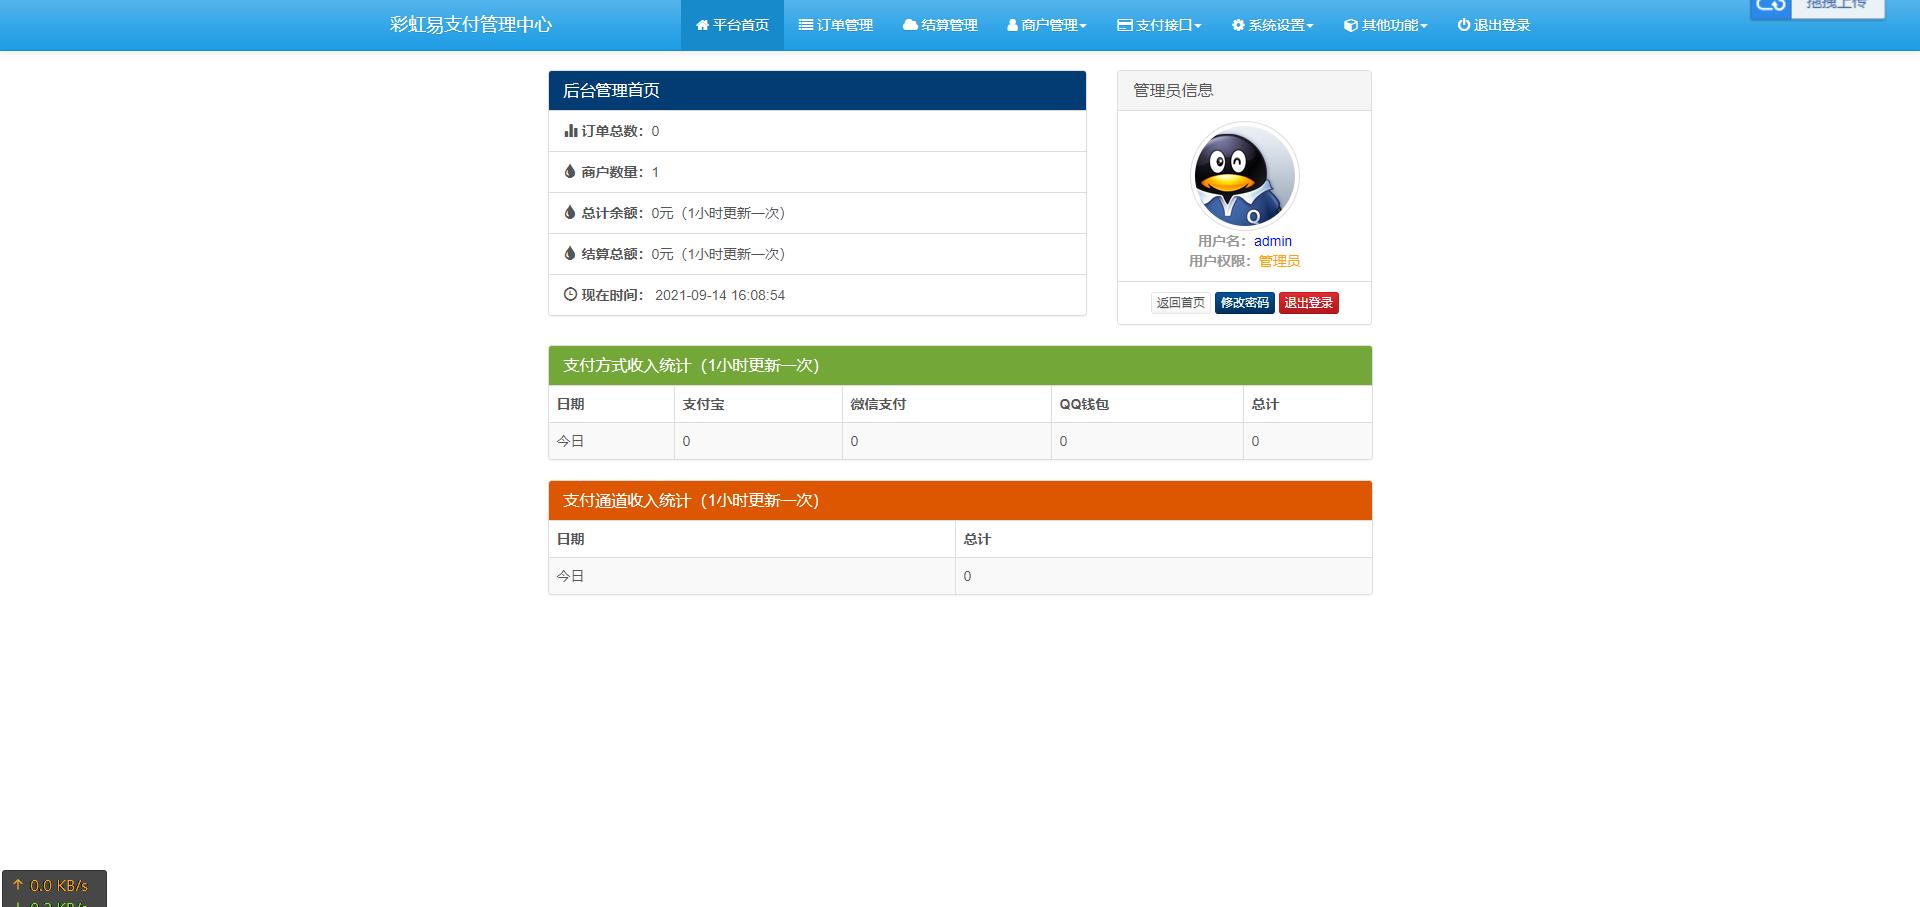 亲测丨二开版彩虹易支付全开源10套模板带风控实名系统网站源码下载